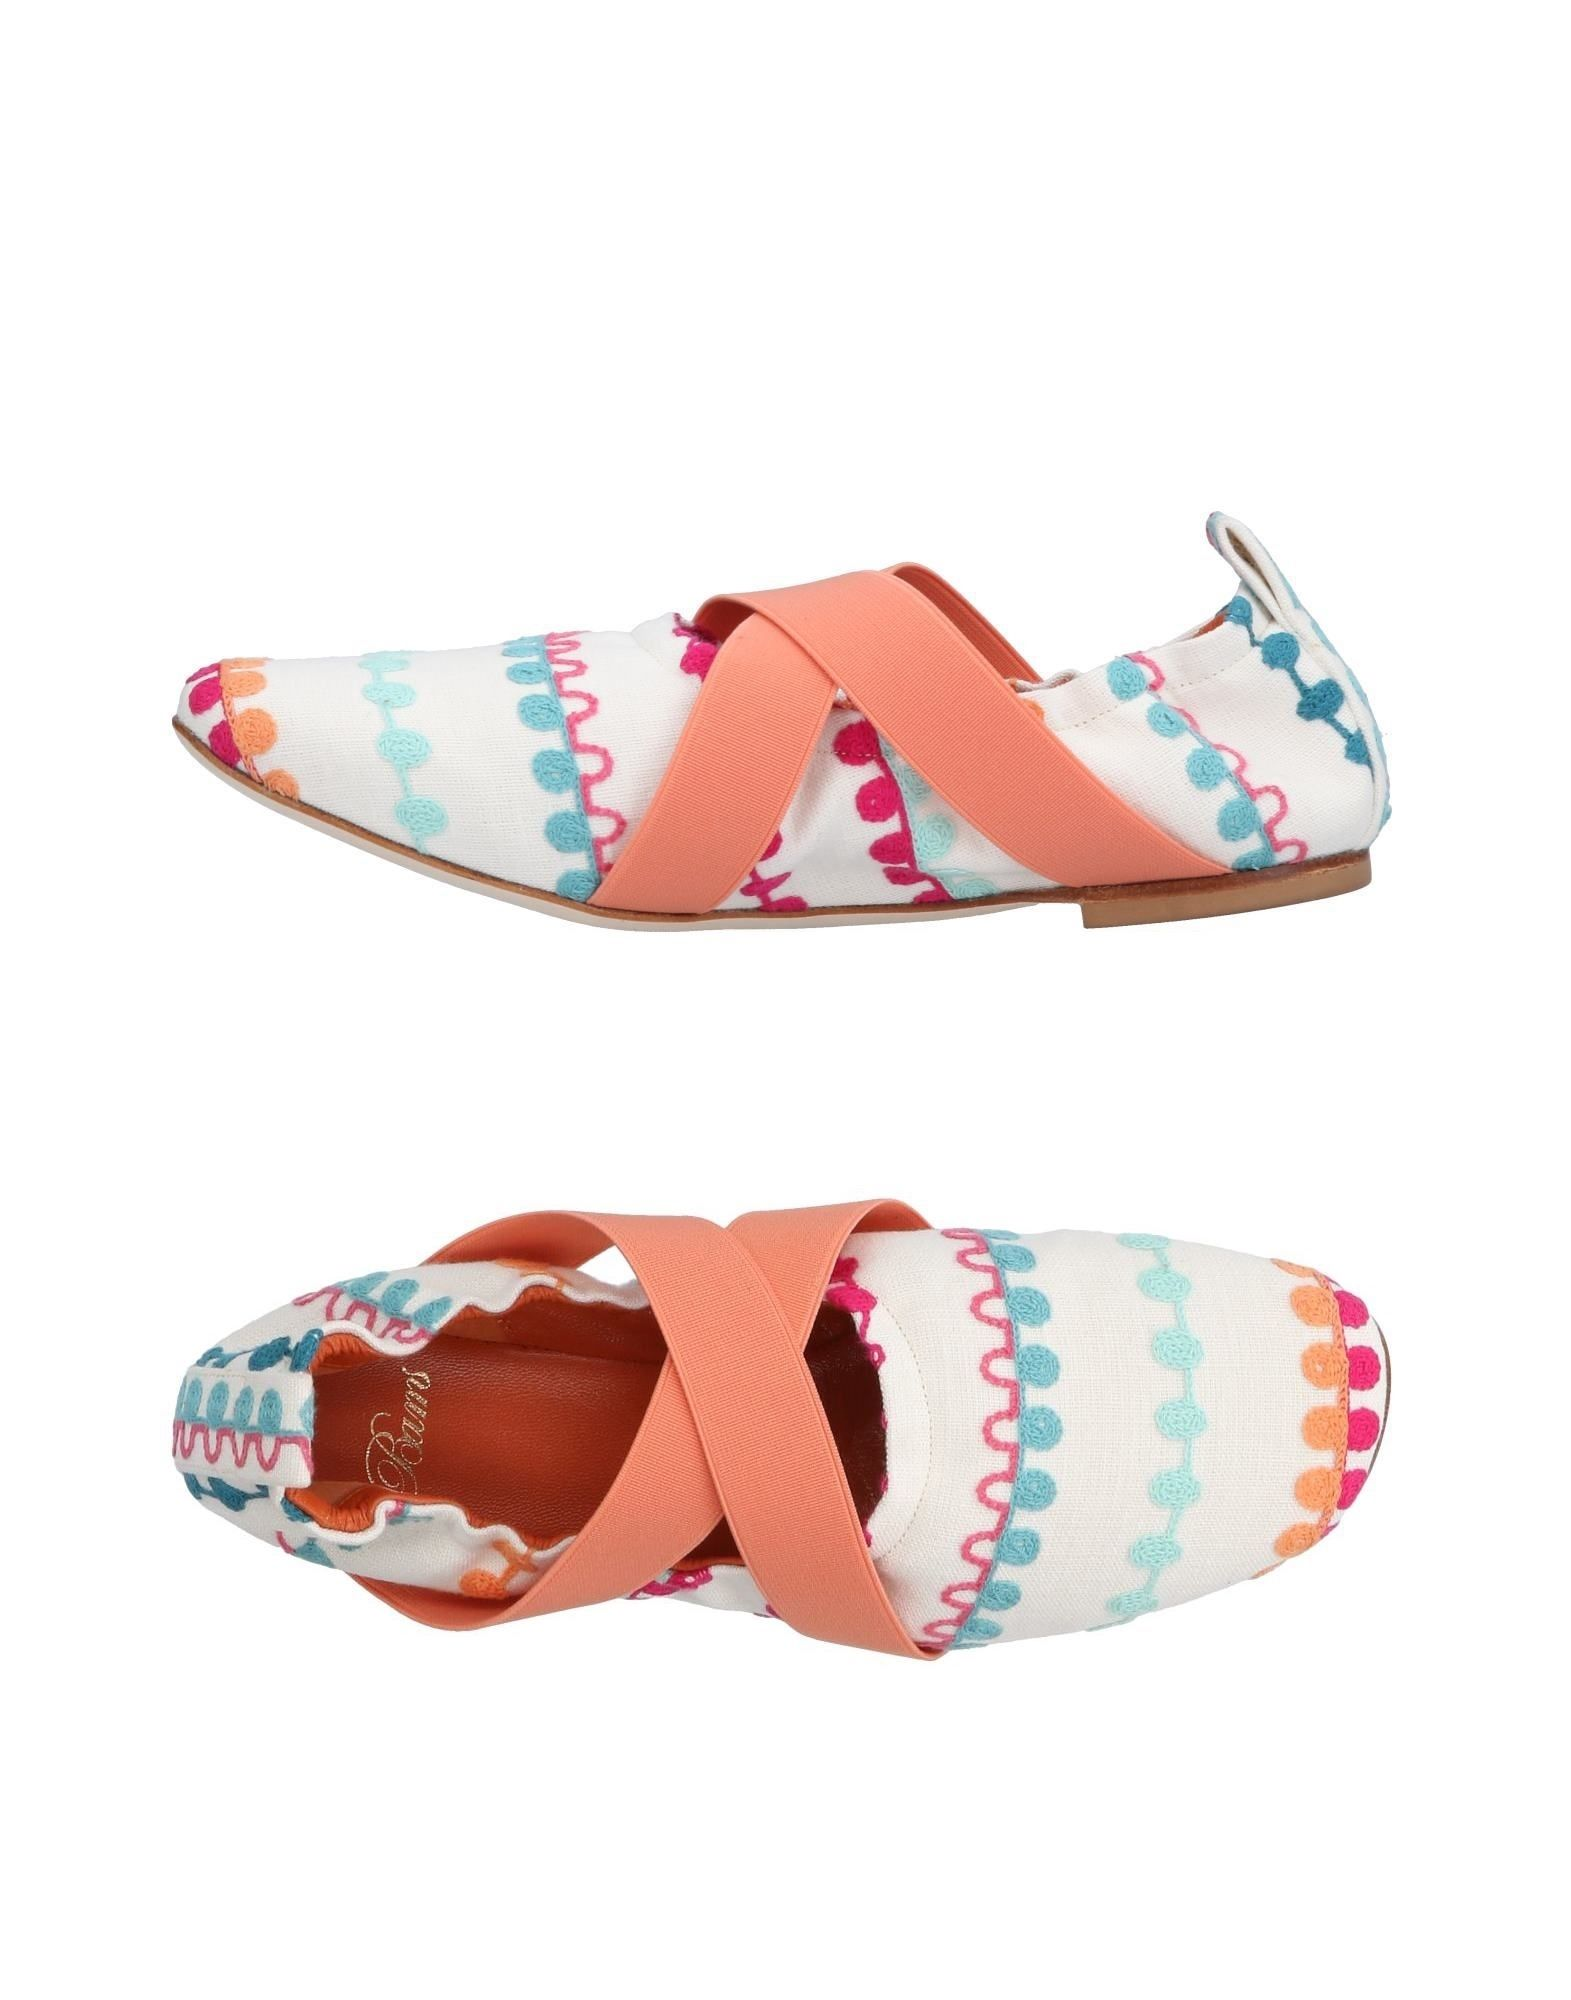 Bams Ballet Flats Flats - Women Bams Ballet Flats Flats online on  Australia - 11497396FT acd09e